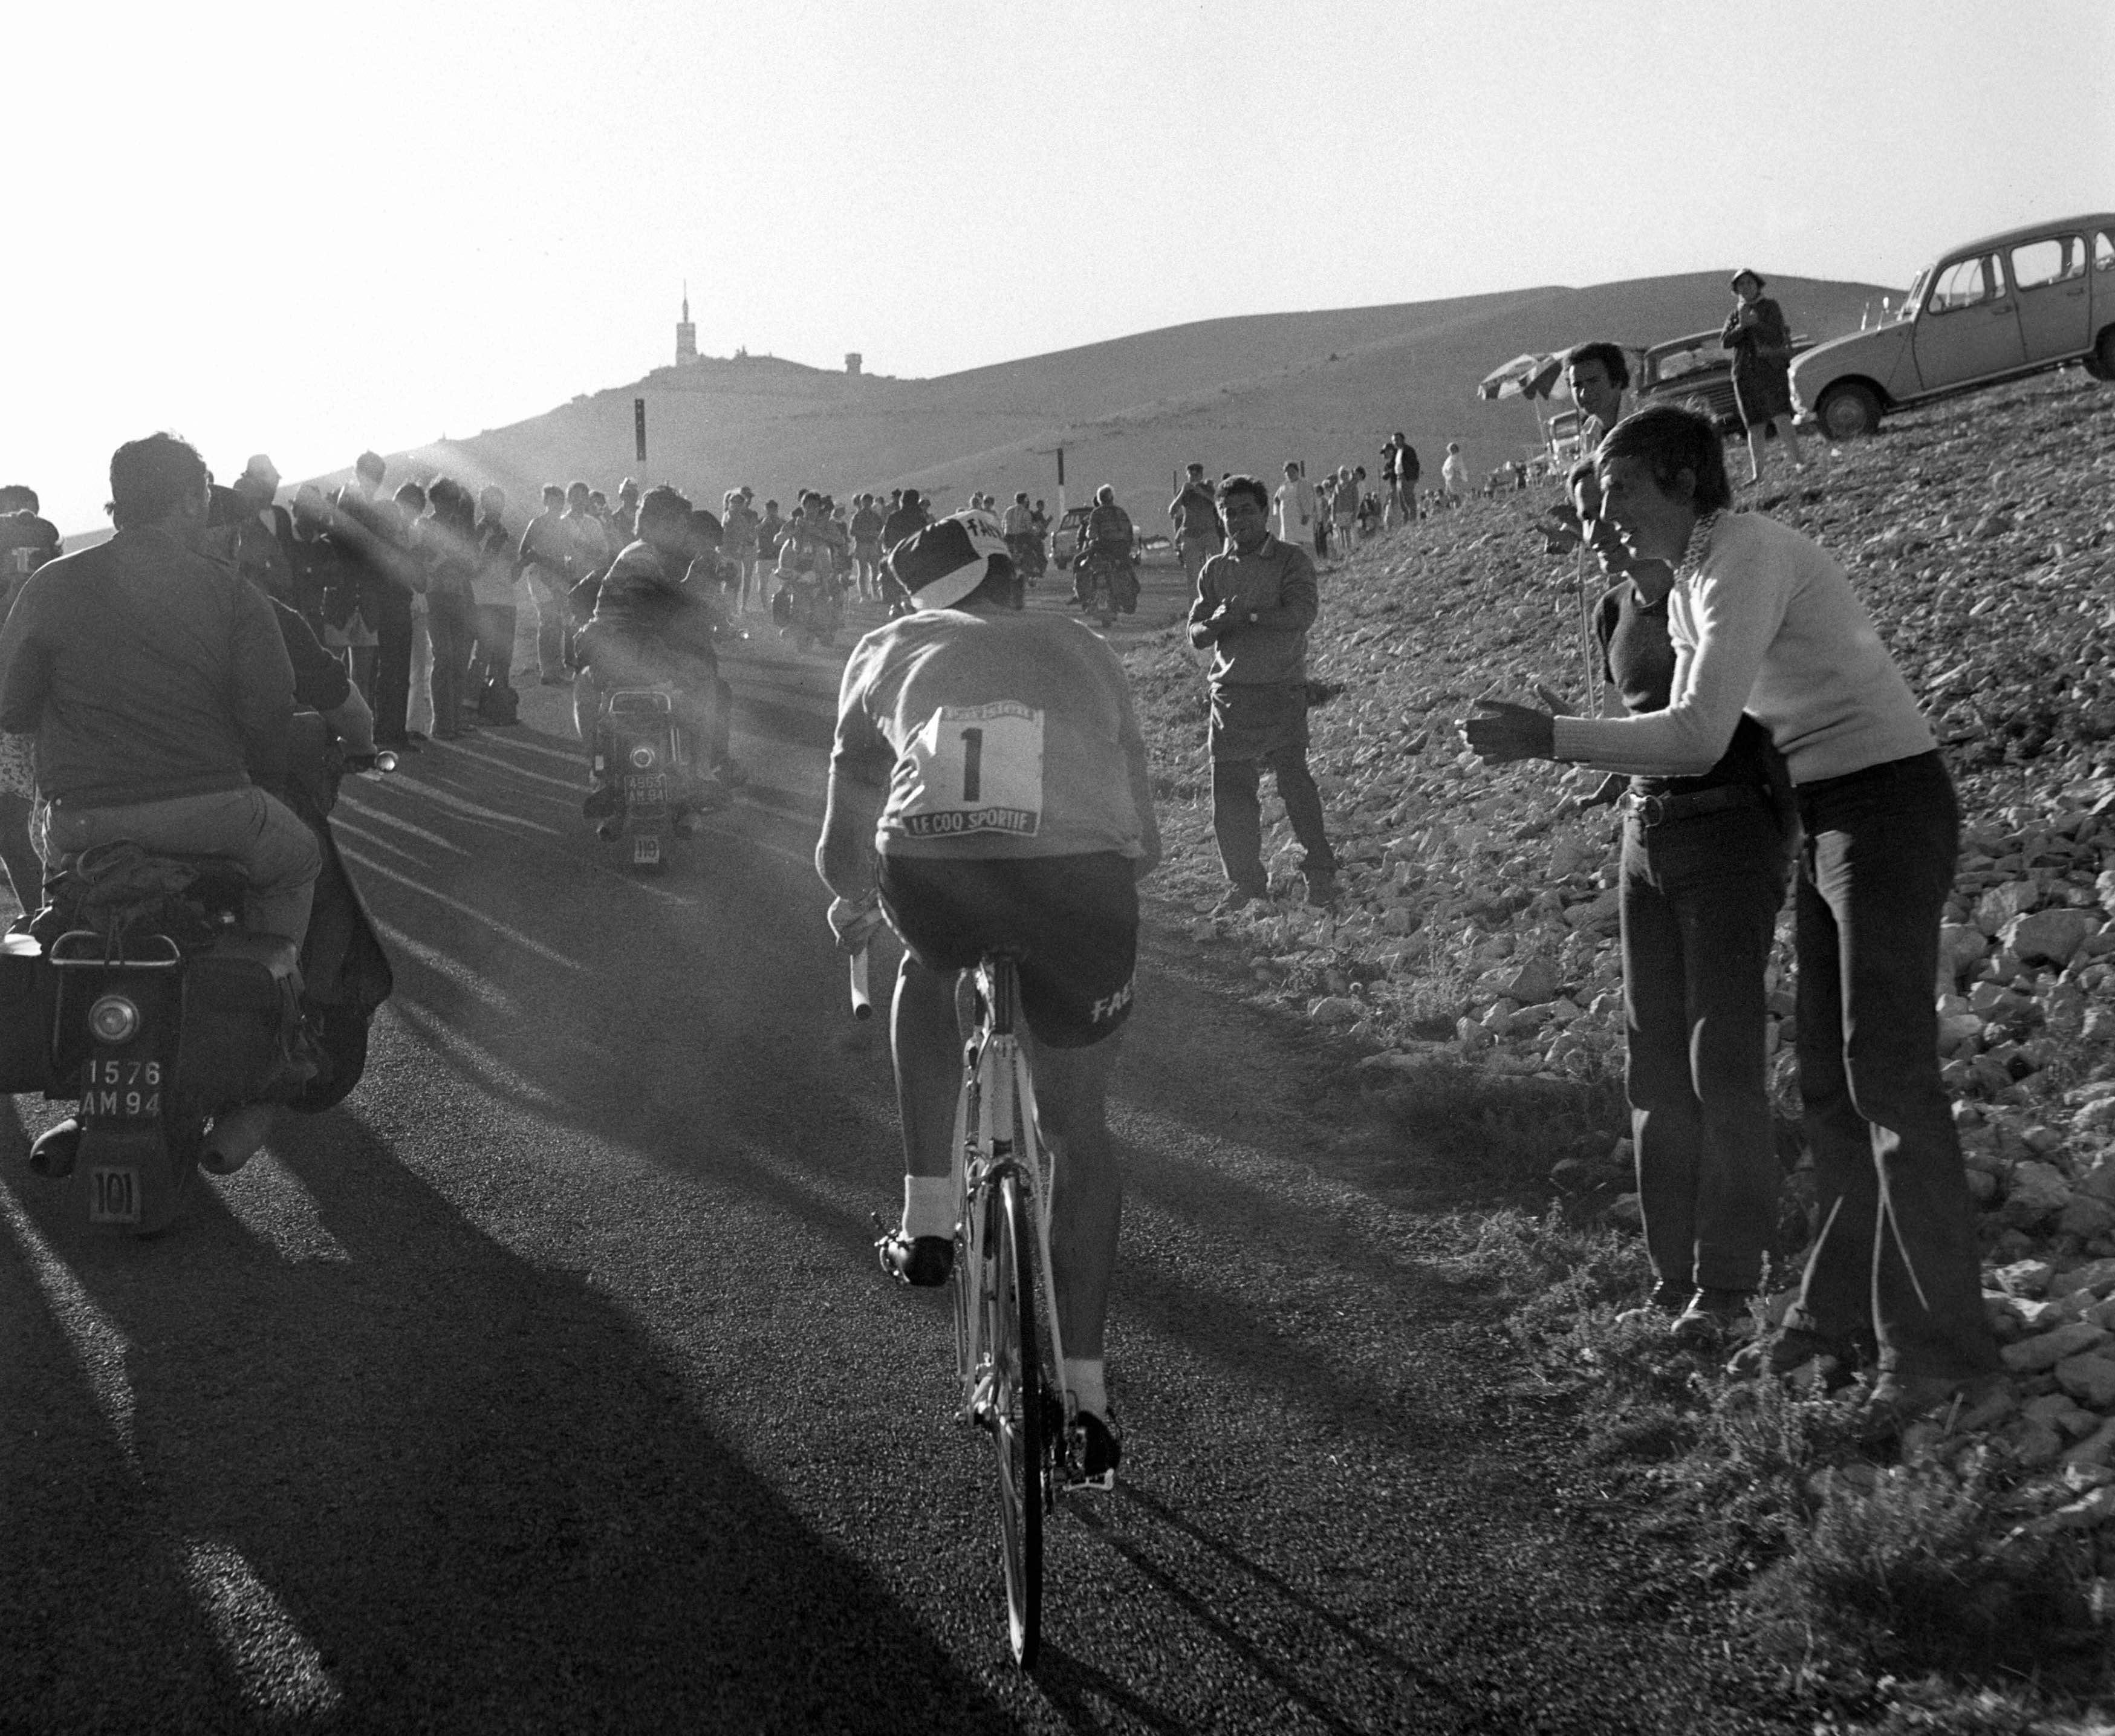 CYCLISME - TOUR DE FRANCE 1970 - GAP/MONT VENTOUX - le mont ventoux - merckx (eddy)